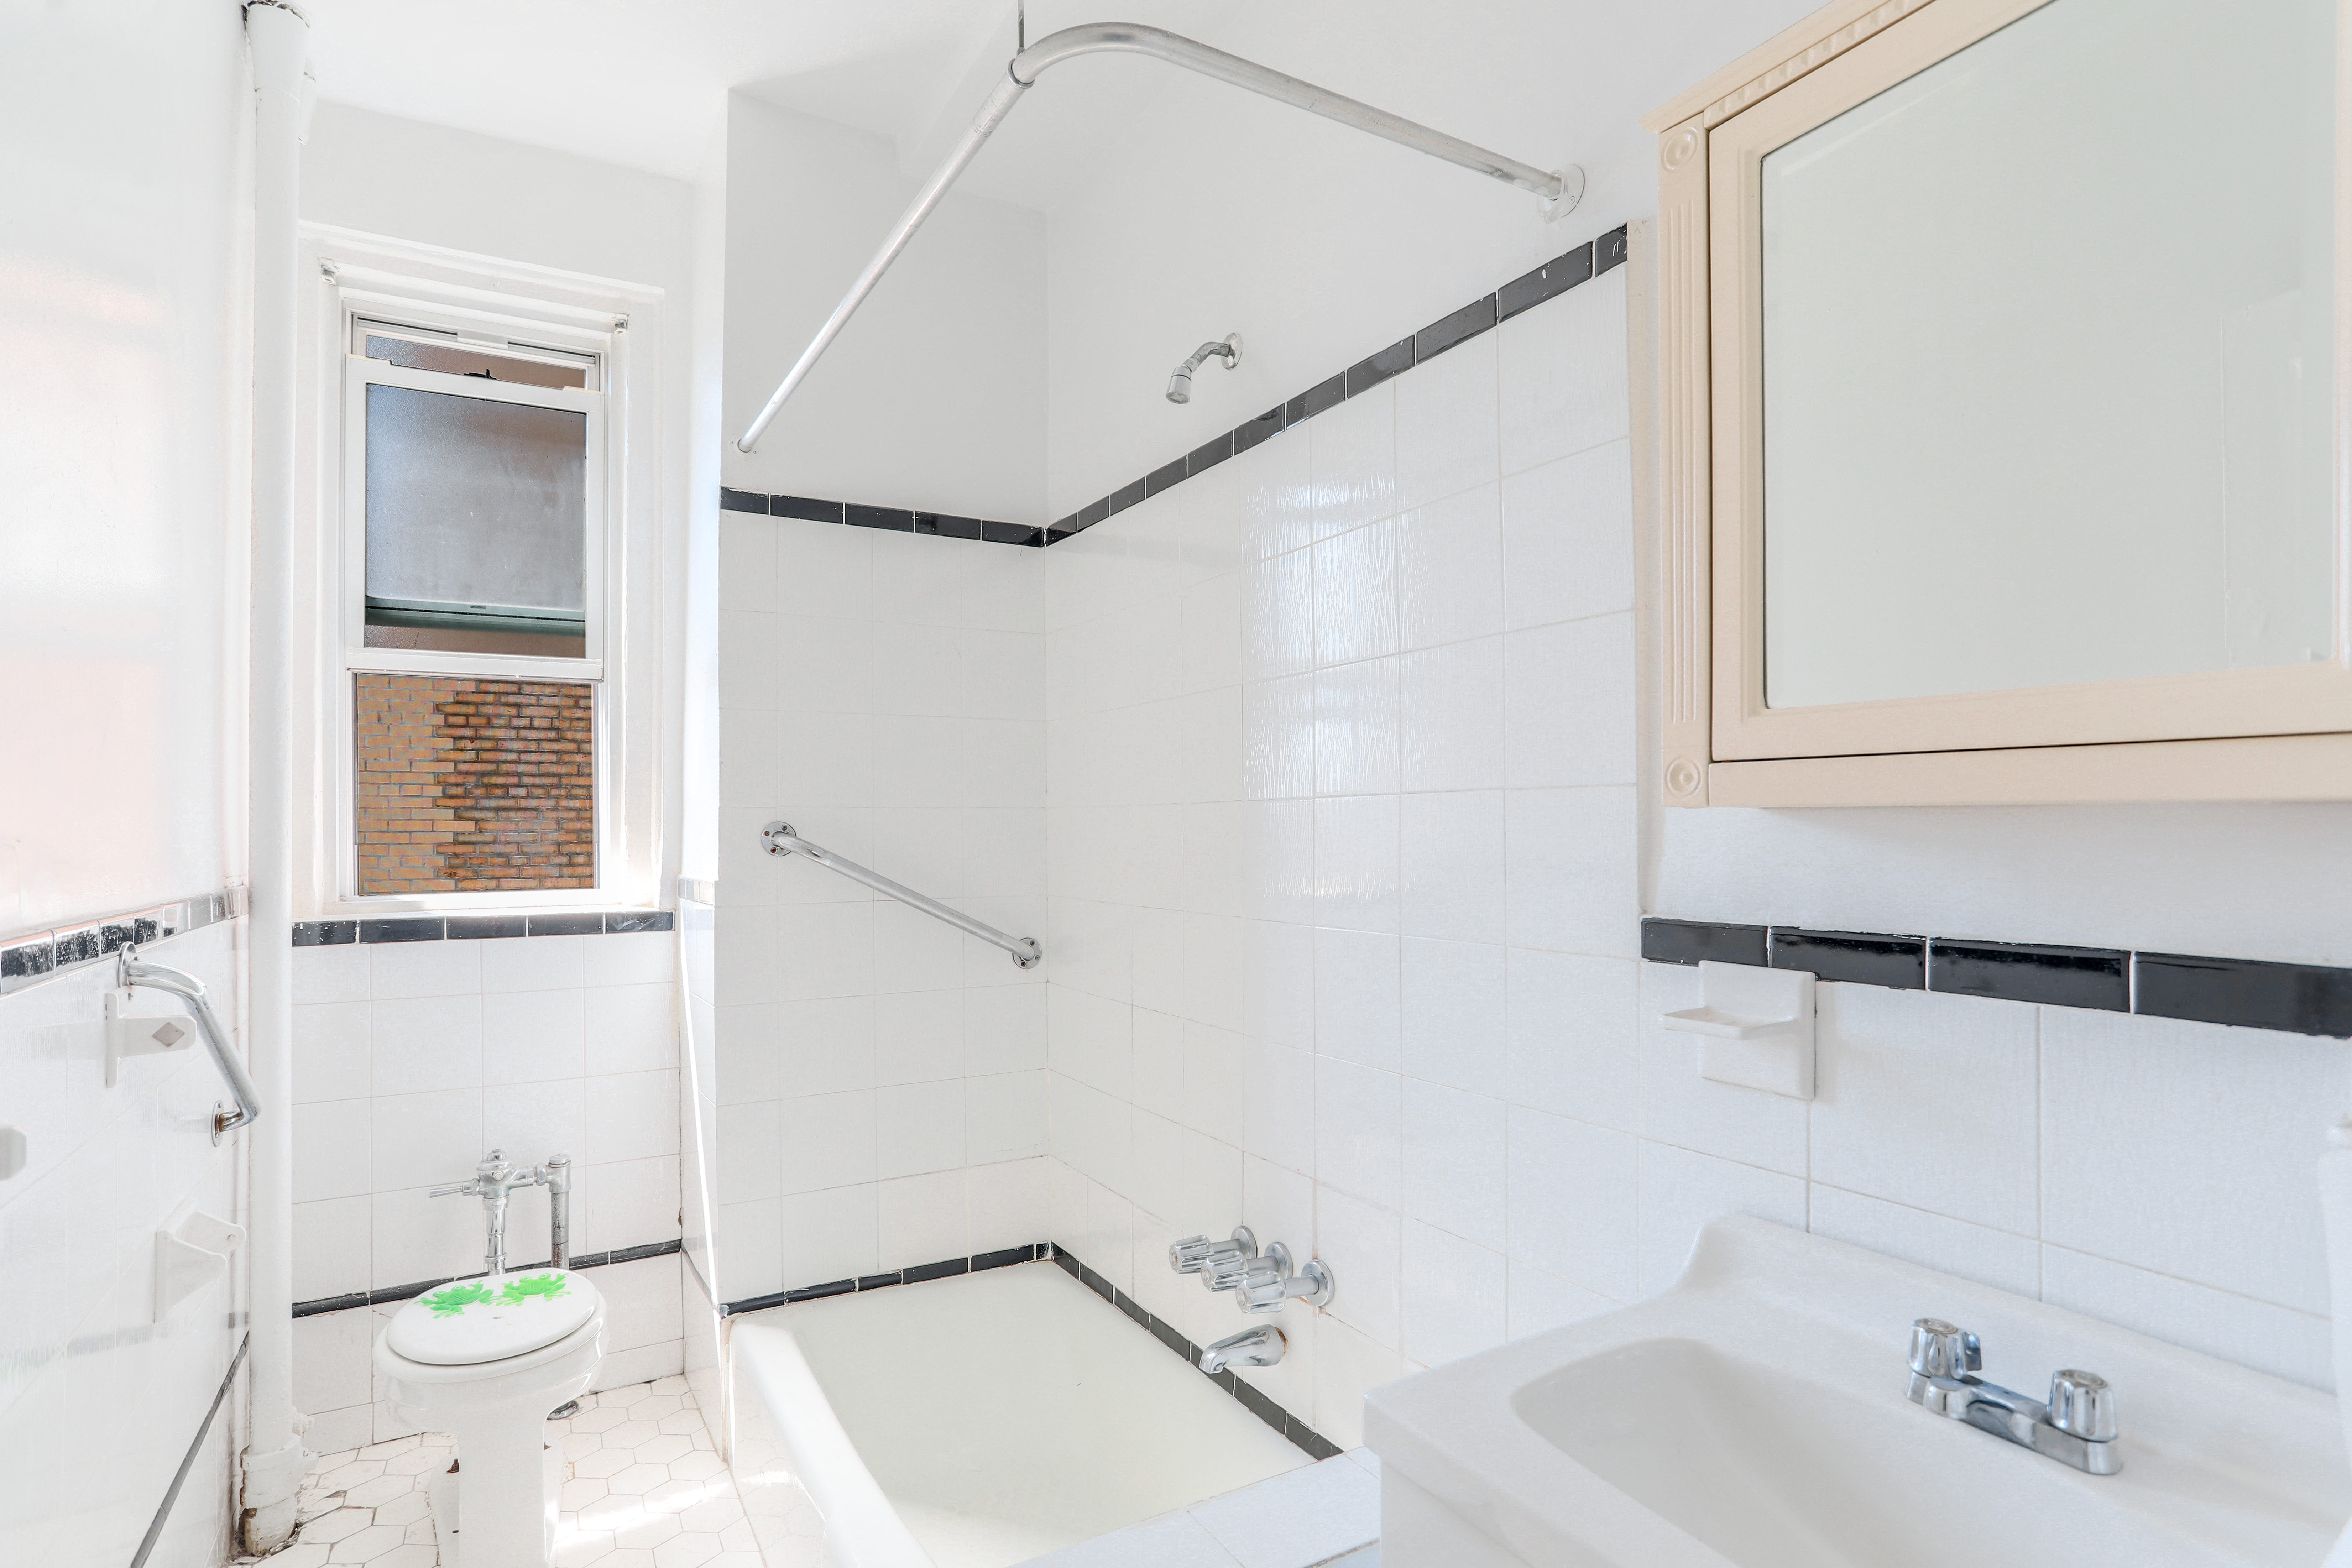 Full windowed bathroom